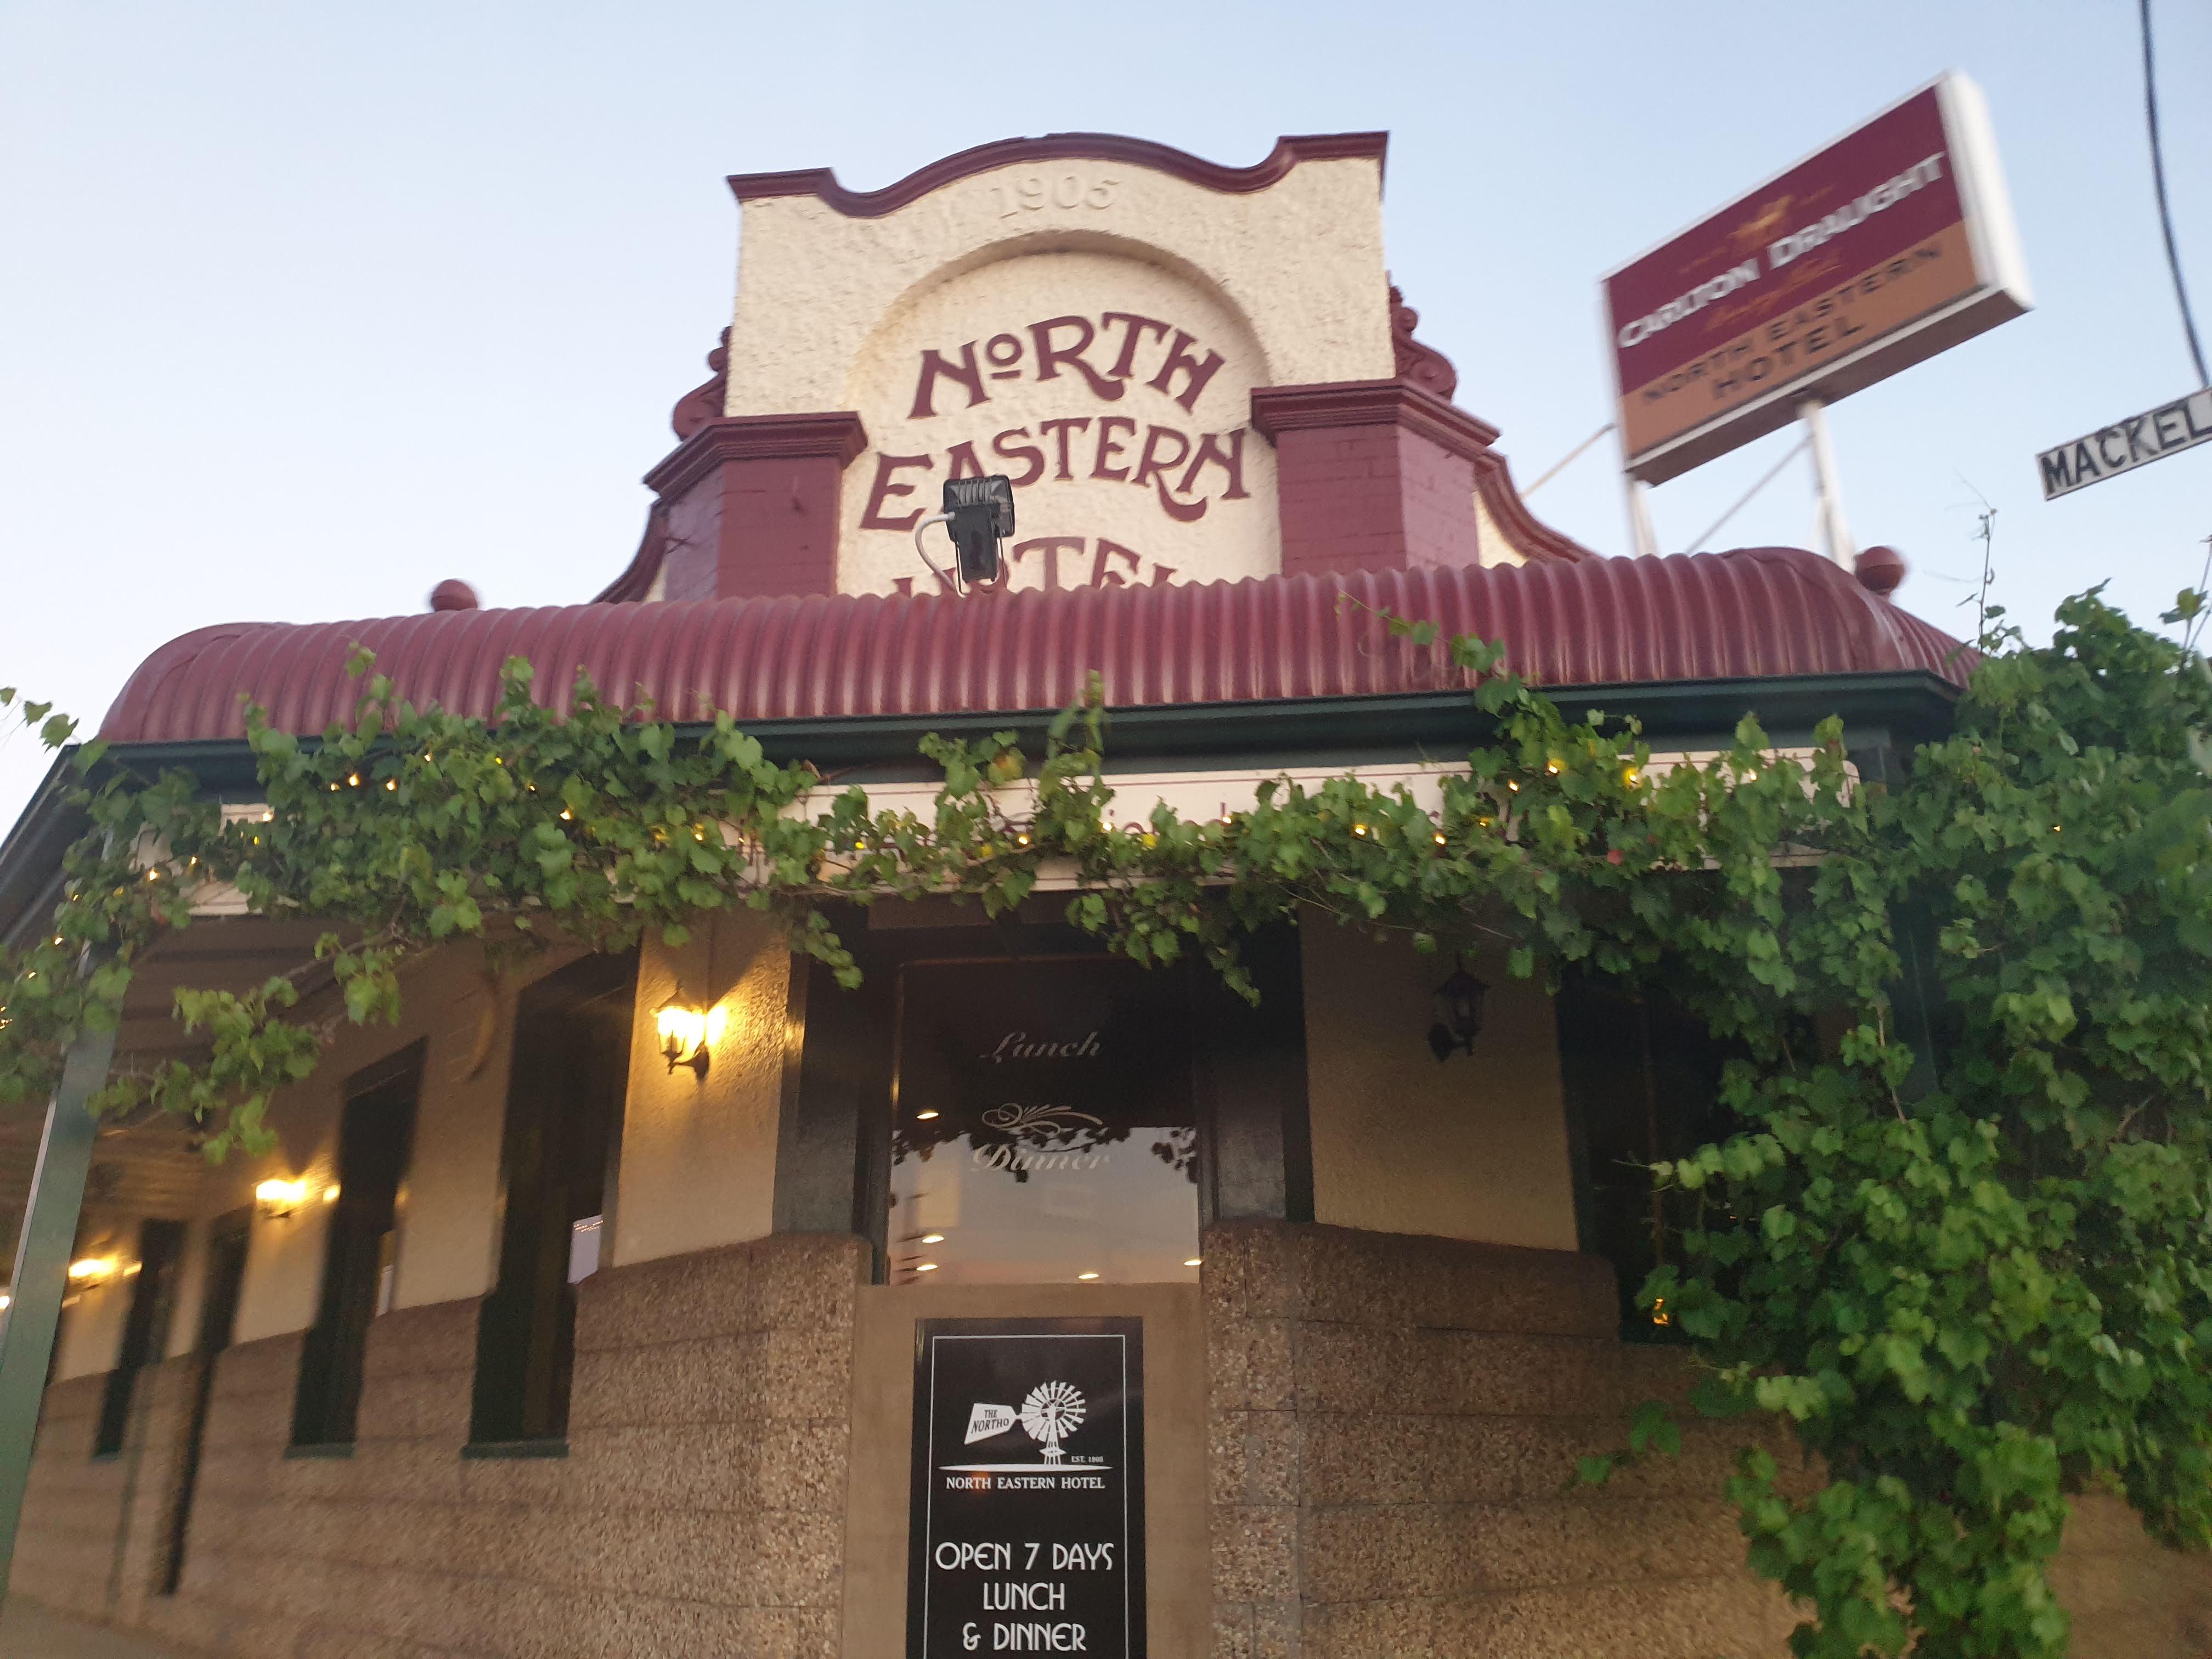 ベナラにある評判の良いローカルパブ The Northo で食事したかった…